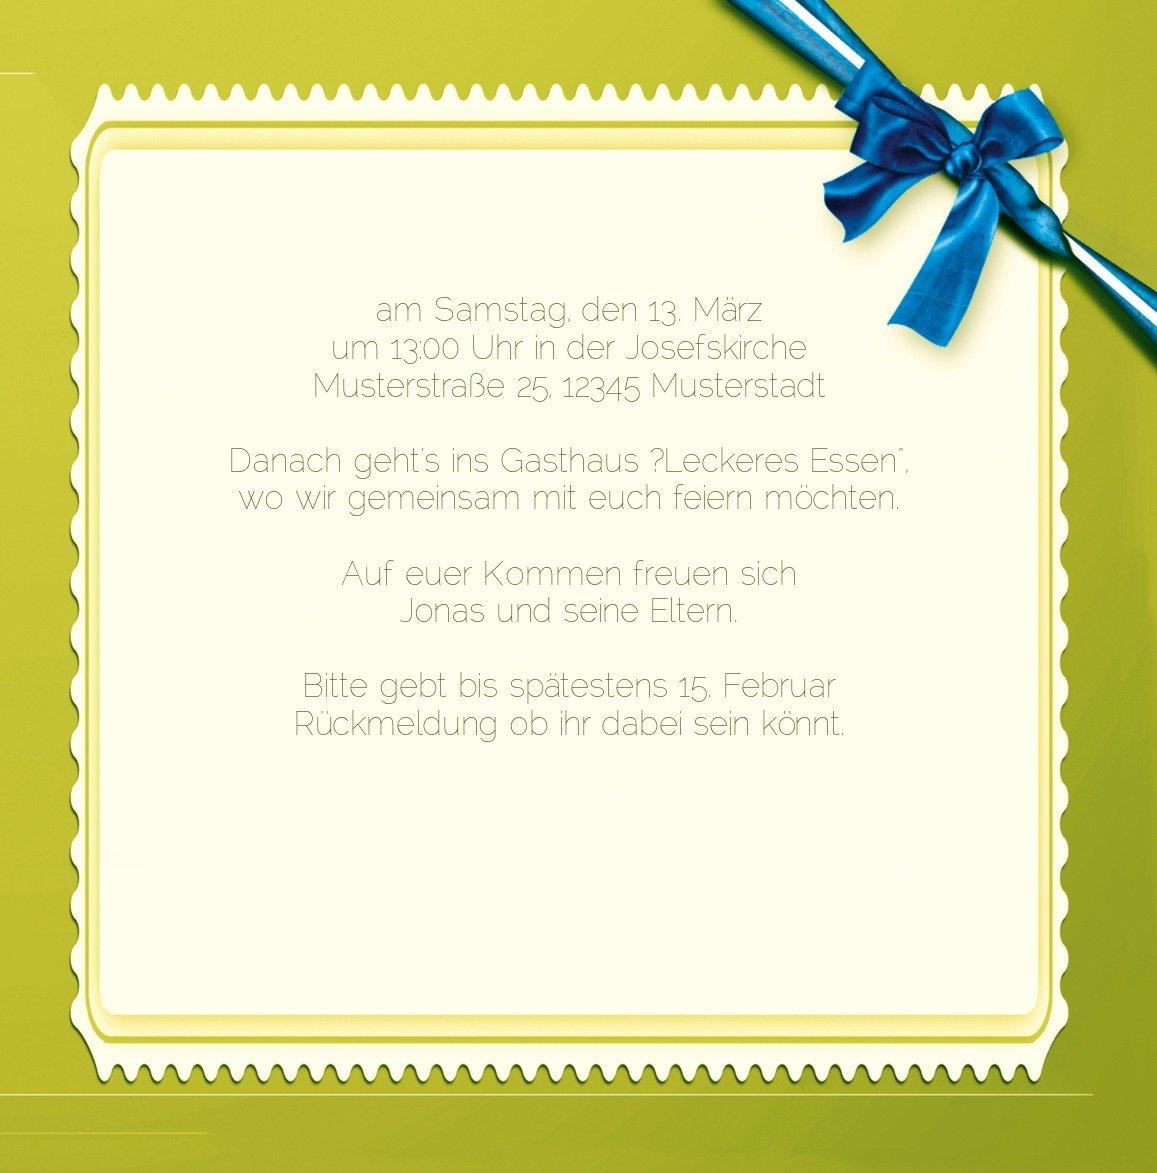 Kartenparadies Kartenparadies Kartenparadies Einladungskarte Taufeinladung Taufkarte Ribbon, hochwertige Einladung zur Taufe inklusive Umschläge   10 Karten - (Format  145x145 mm) Farbe  Rosalila B01N16WJHZ | Starke Hitze- und Abnutzungsbeständigkeit  | Up-to-date-styling  | Ko 2d91f8